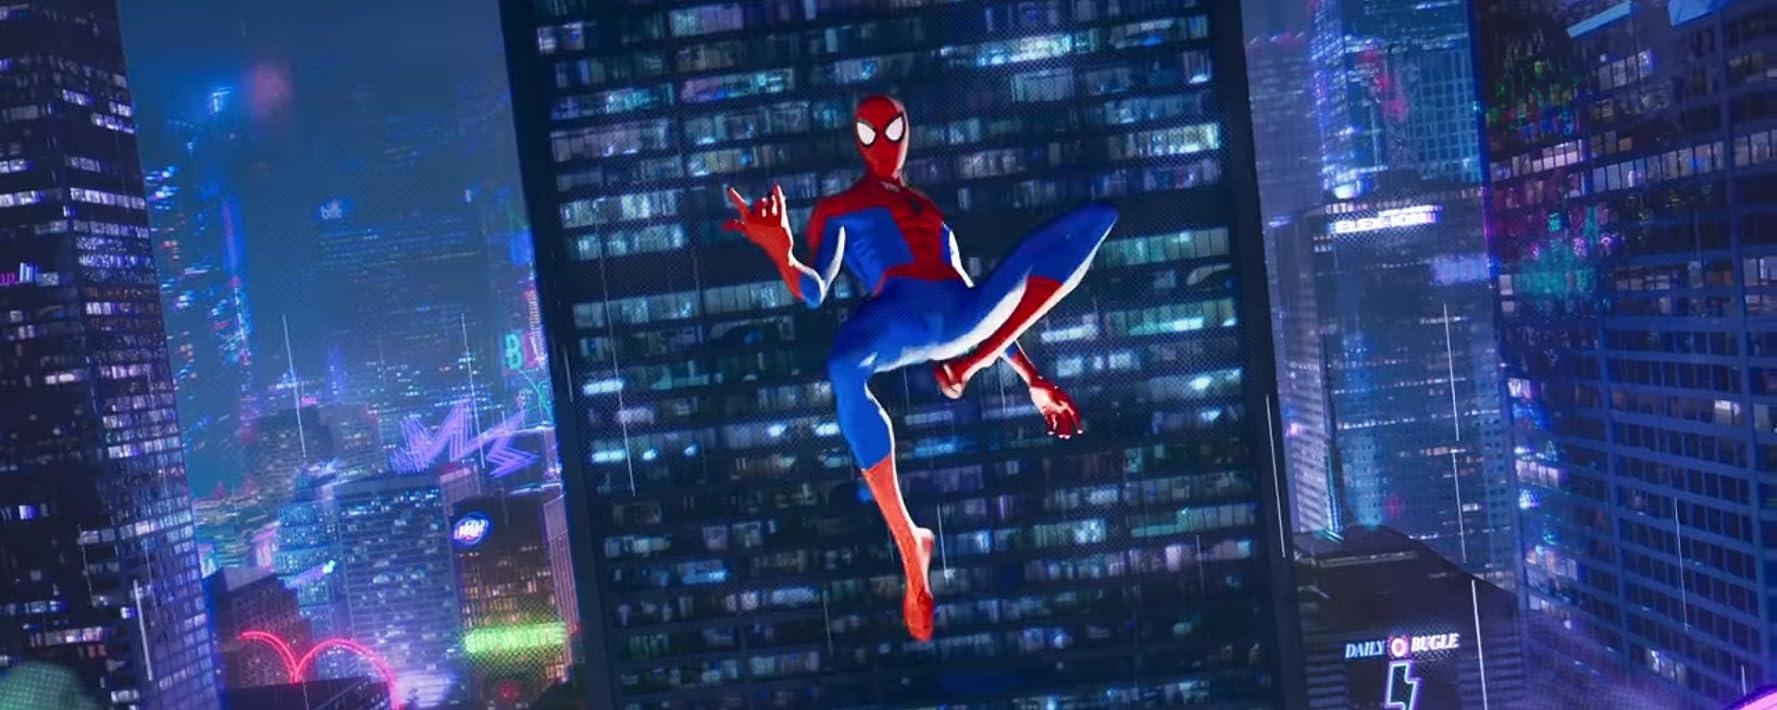 Jake Johnson in Spider-Man: Into the Spider-Verse (2018)